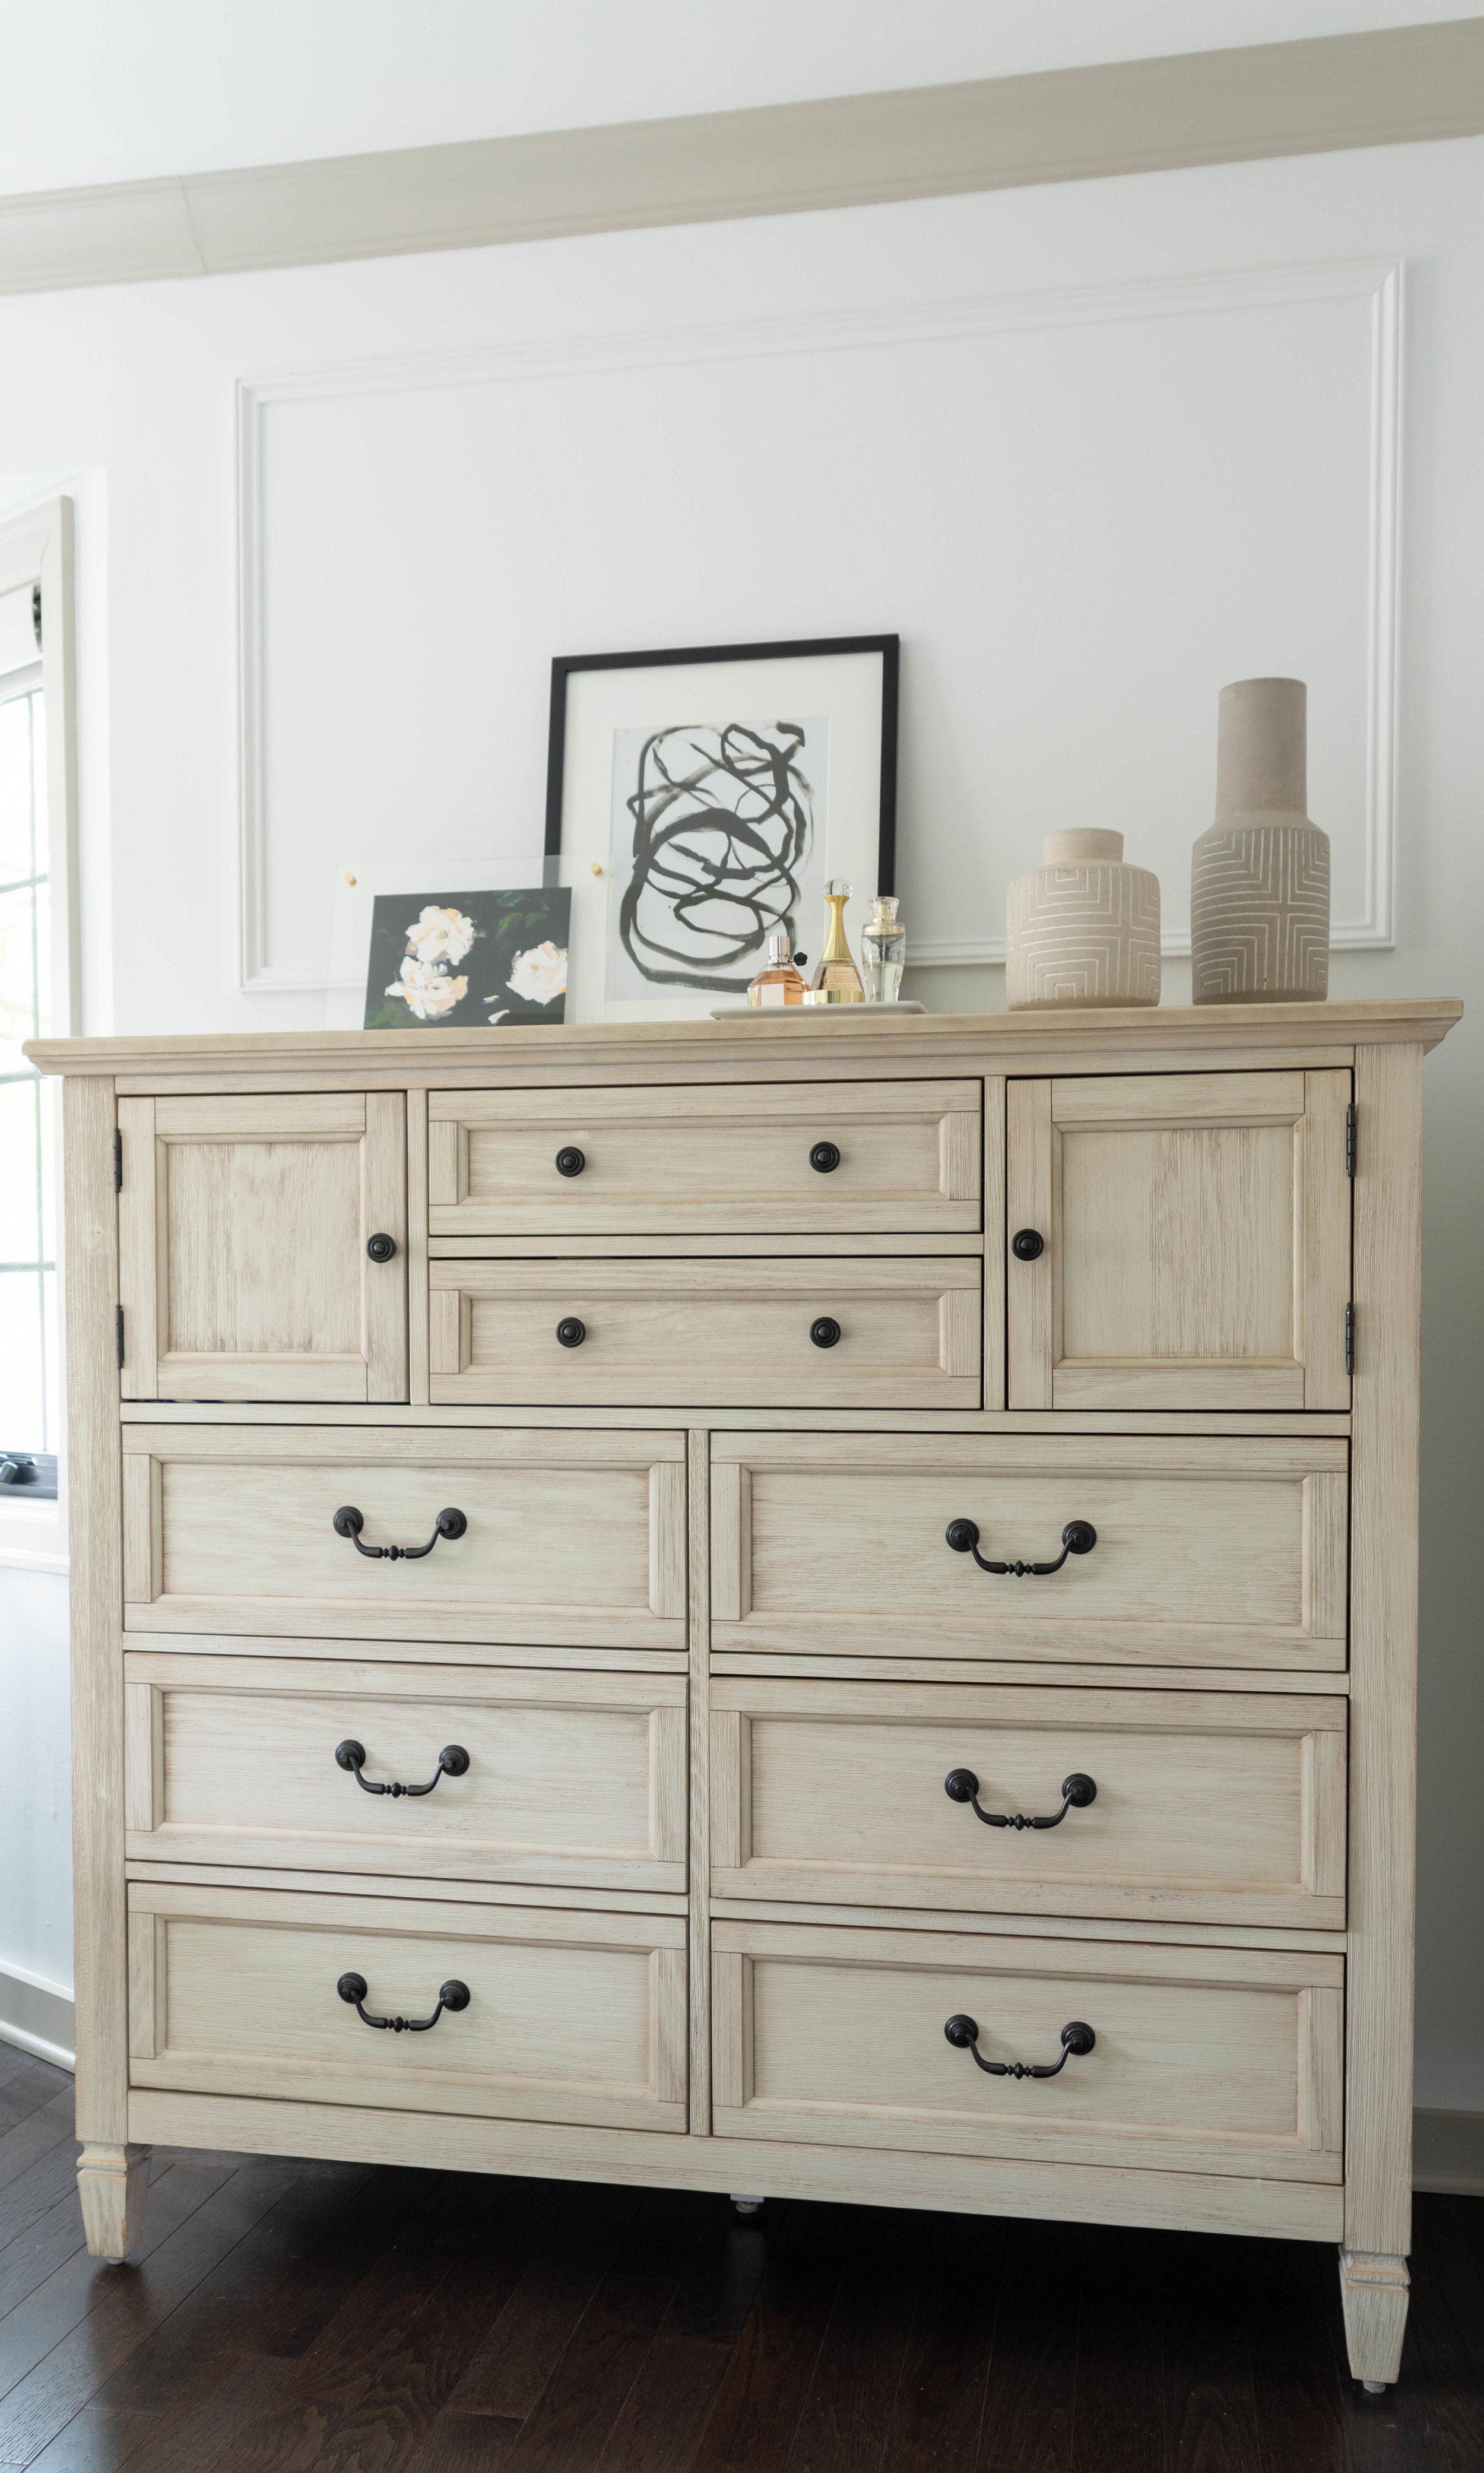 Mater-Bedroom-Styling-Decor-10.jpg